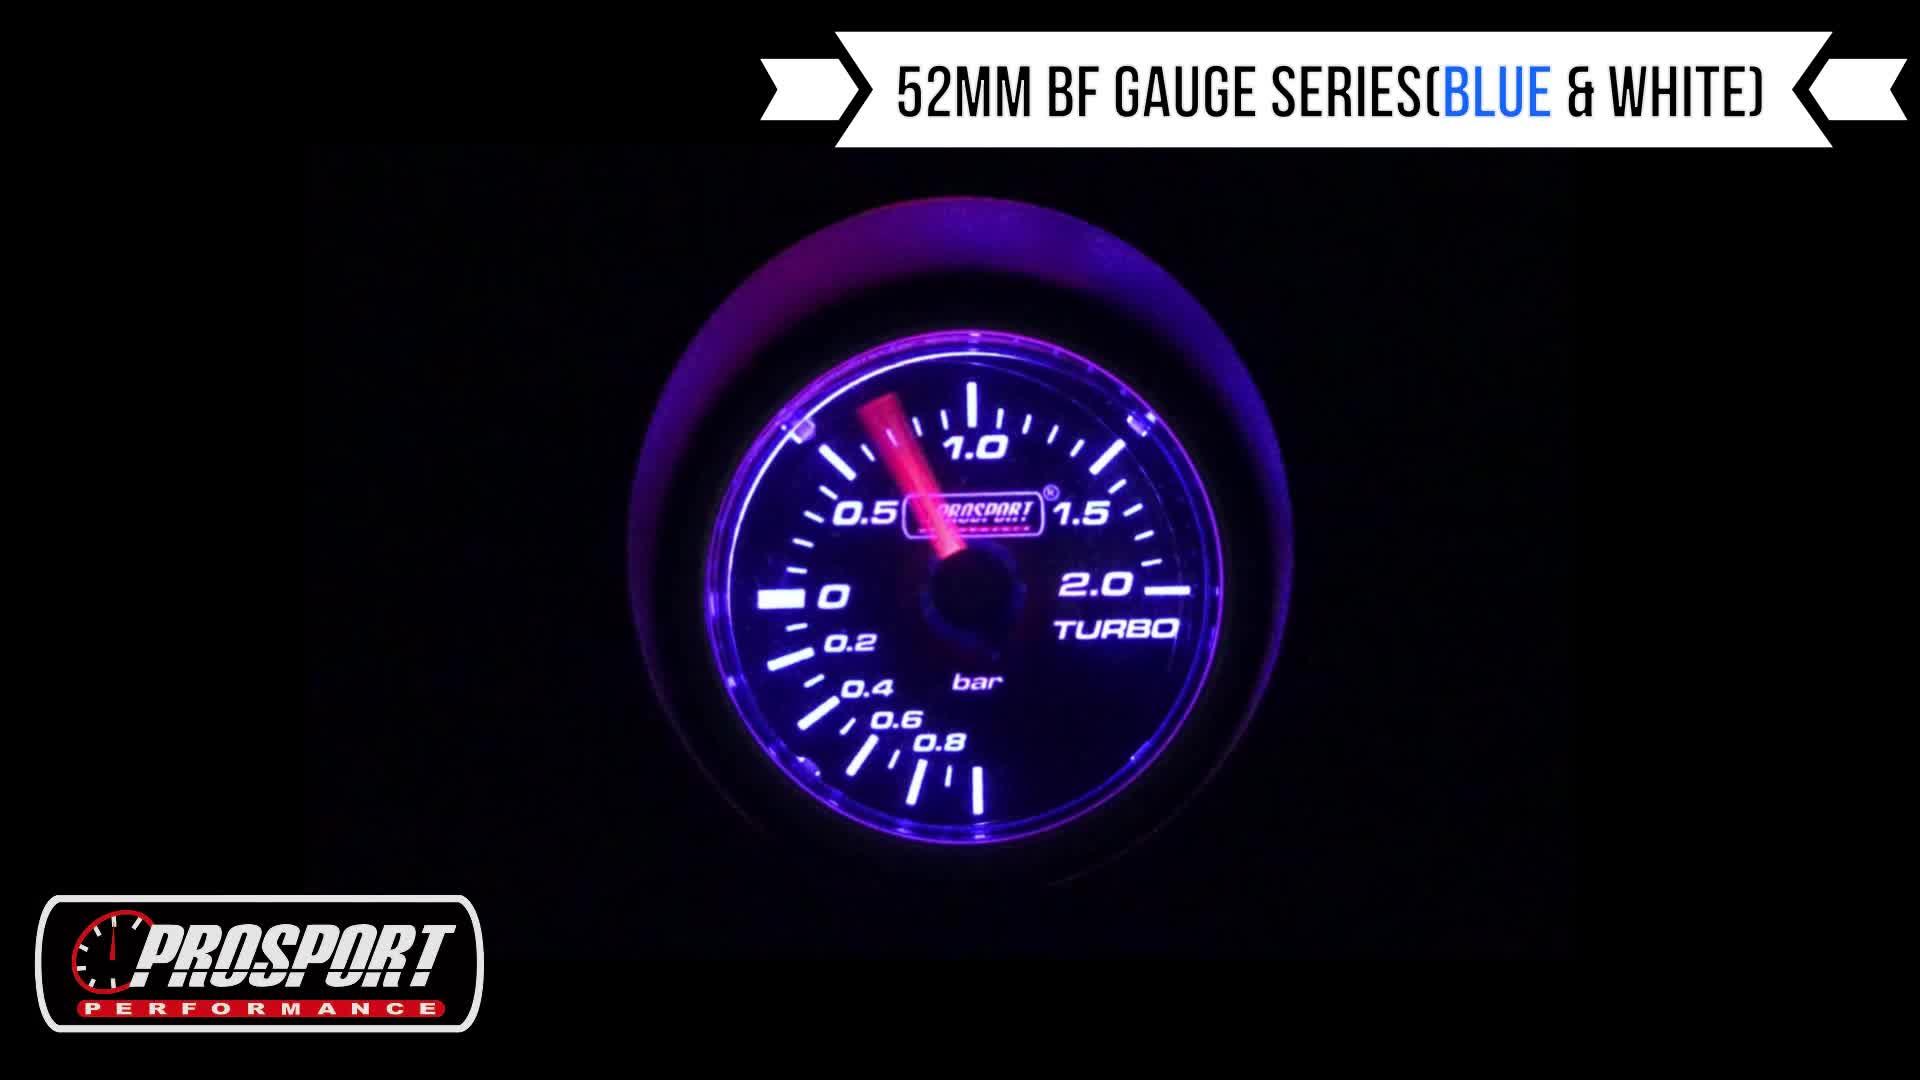 52mm Màu Xanh Trắng LED Giá Rẻ Áp Lực Diesel Máy Đo Boost Meter Đối Với Xe